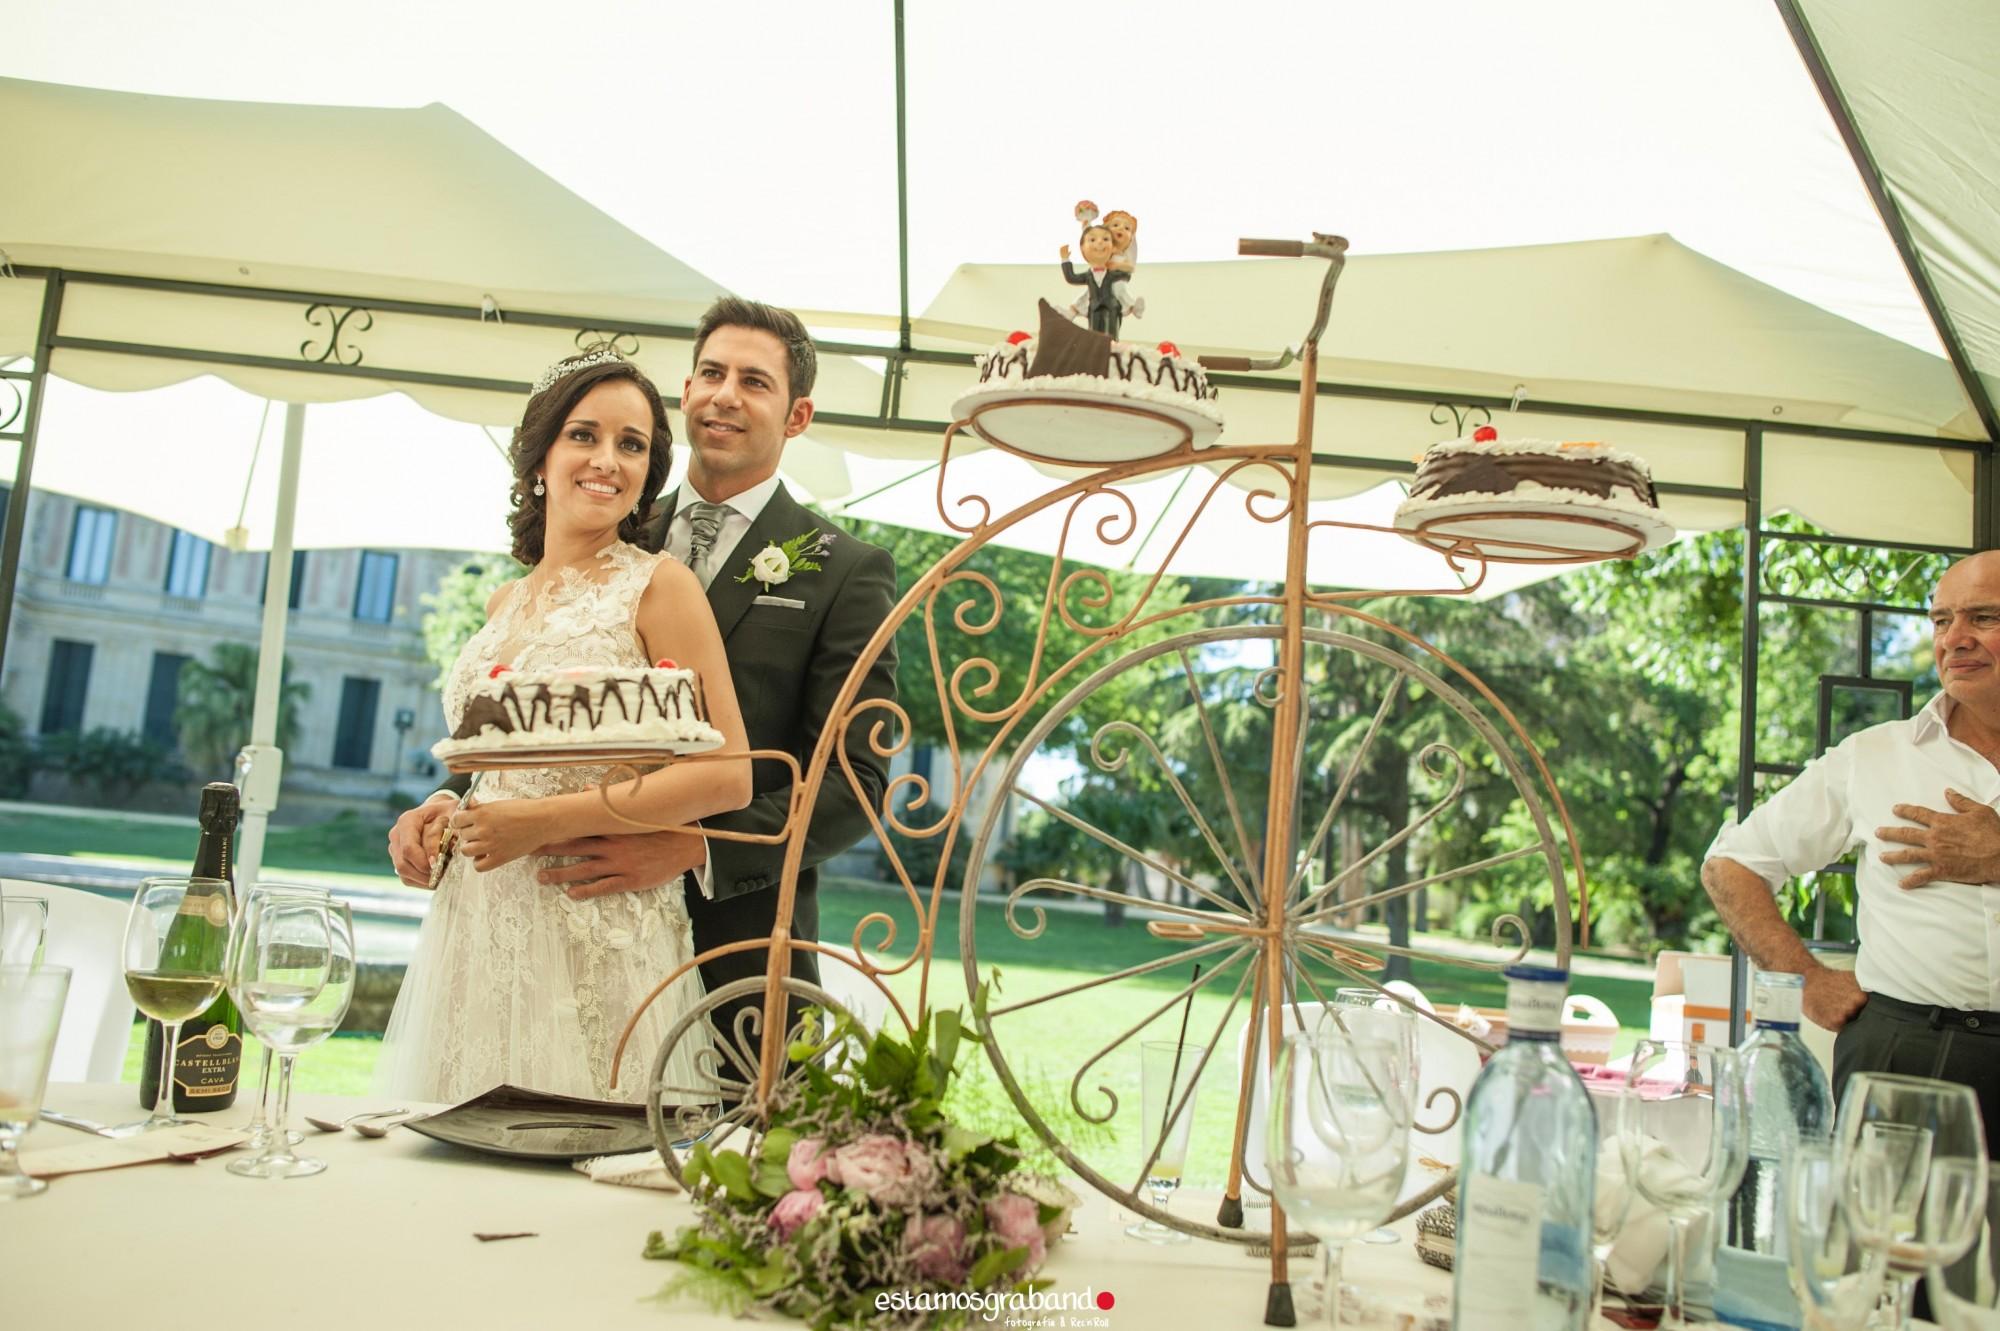 Sonia-y-Dani-463-de-517 Sonia & Dani - video boda cadiz